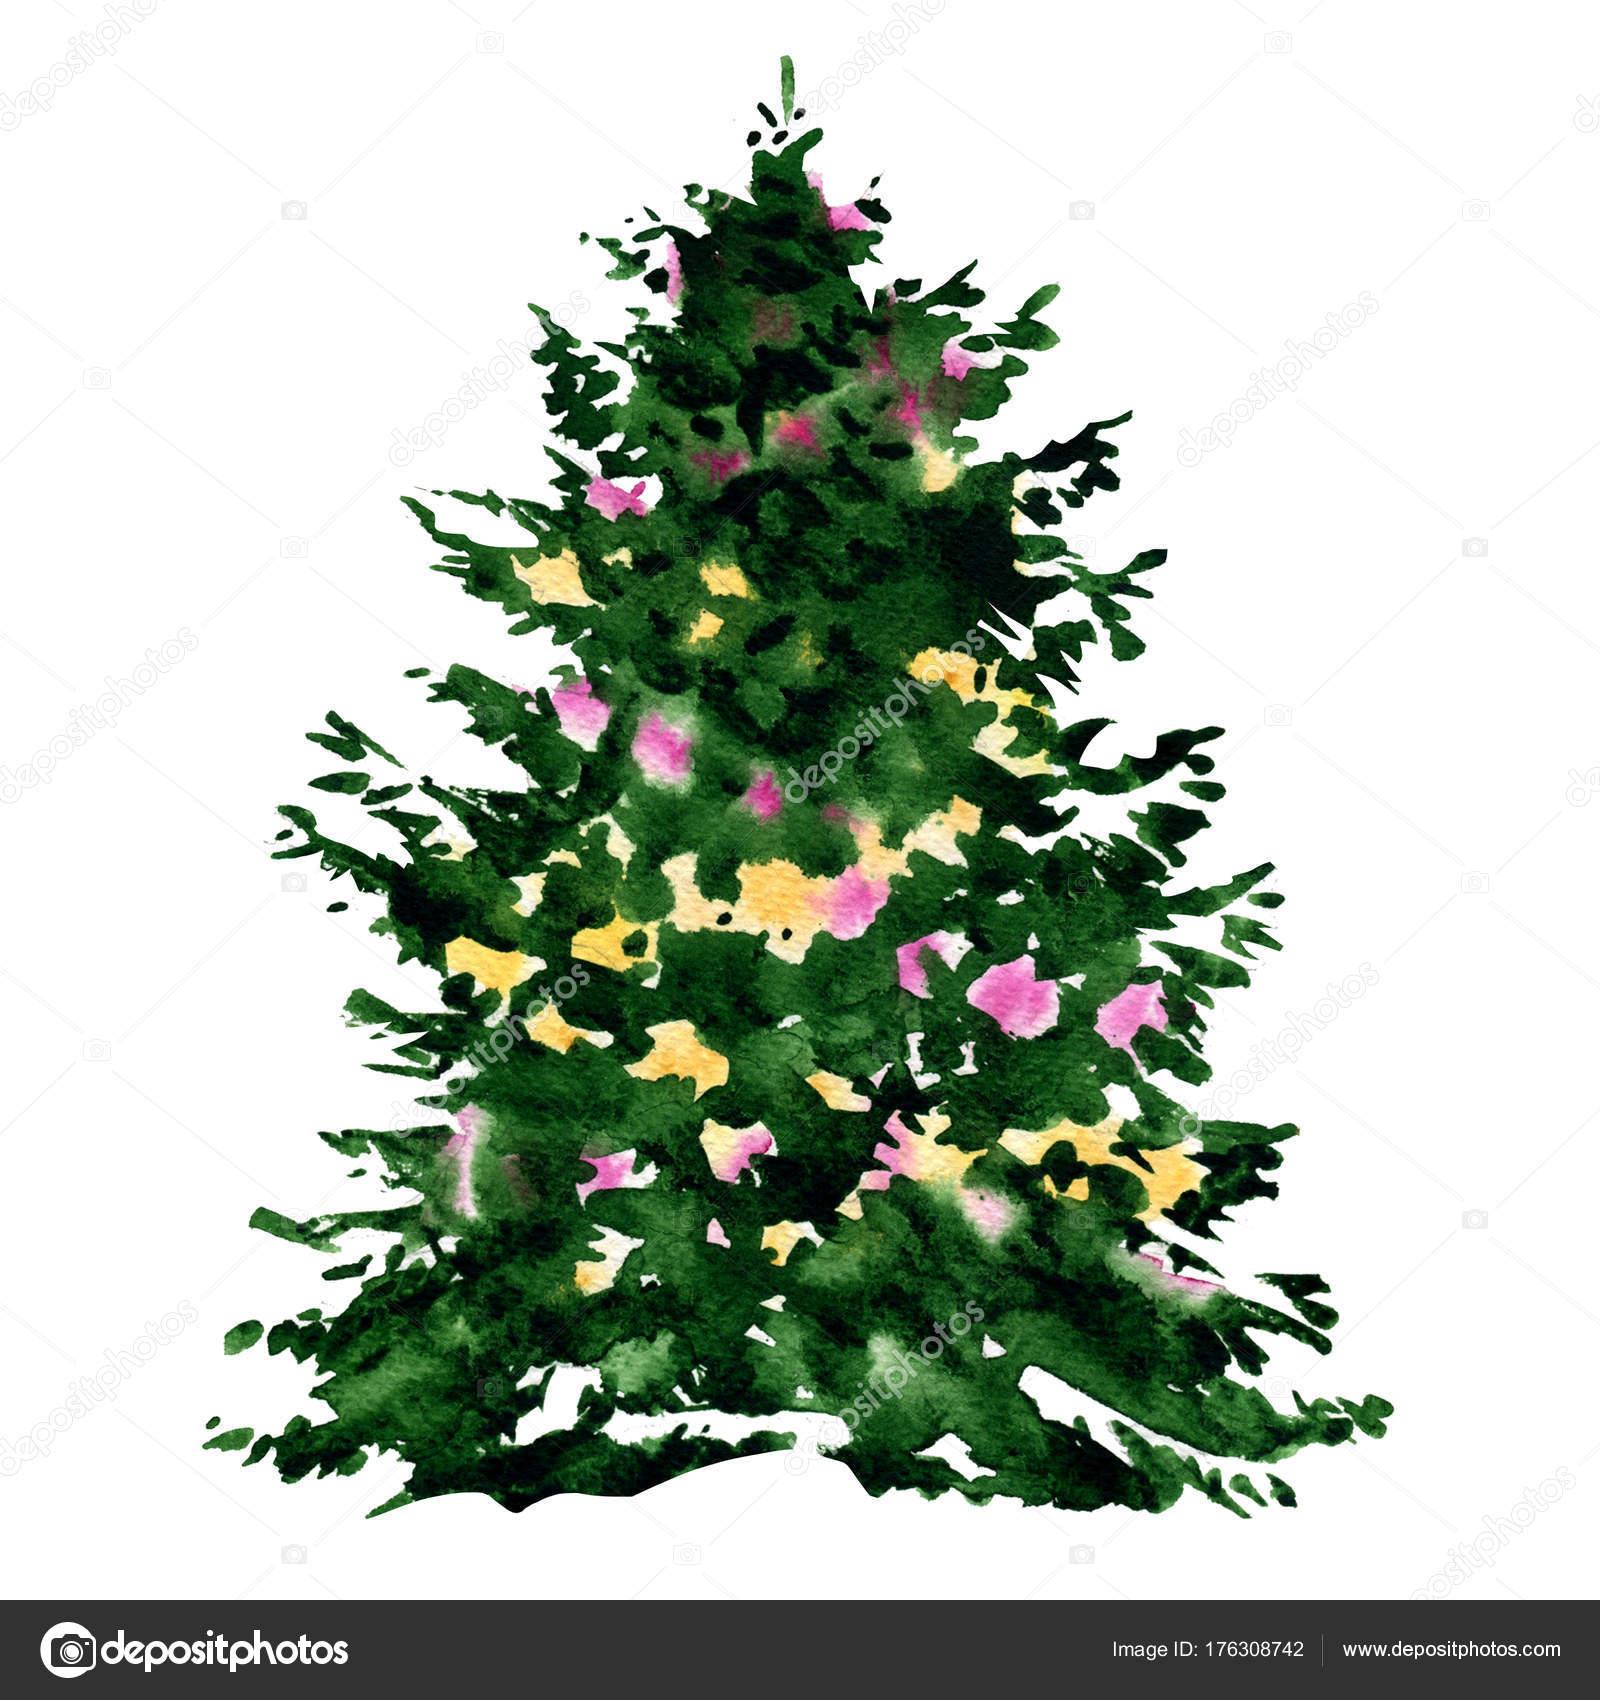 décoré le beau sapin vert, sapin pour les fêtes de noël